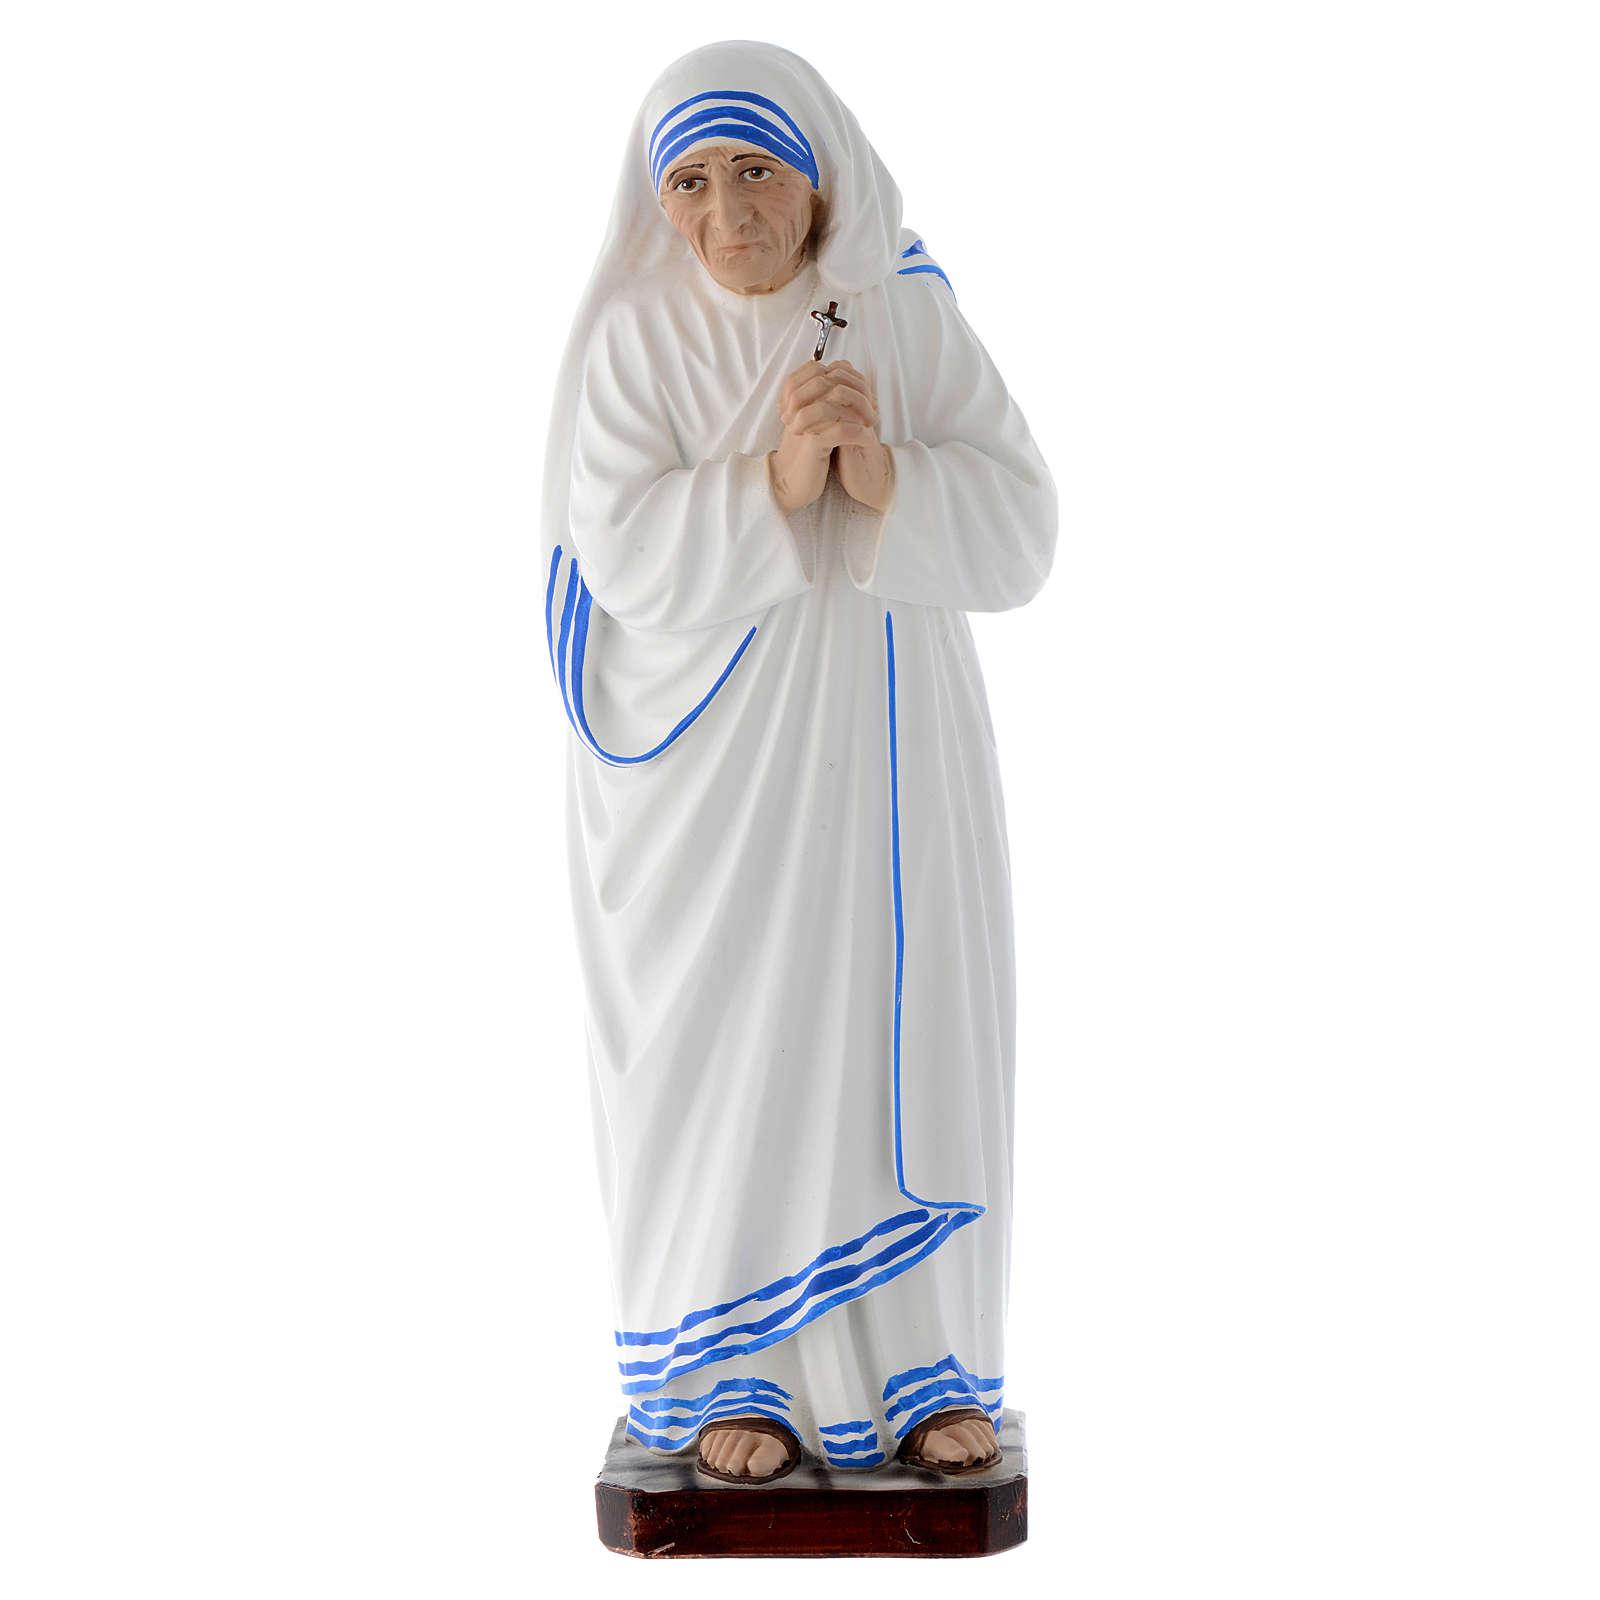 Figurka święta Matka Teresa z Kalkuty 30cm włókno szklane 4